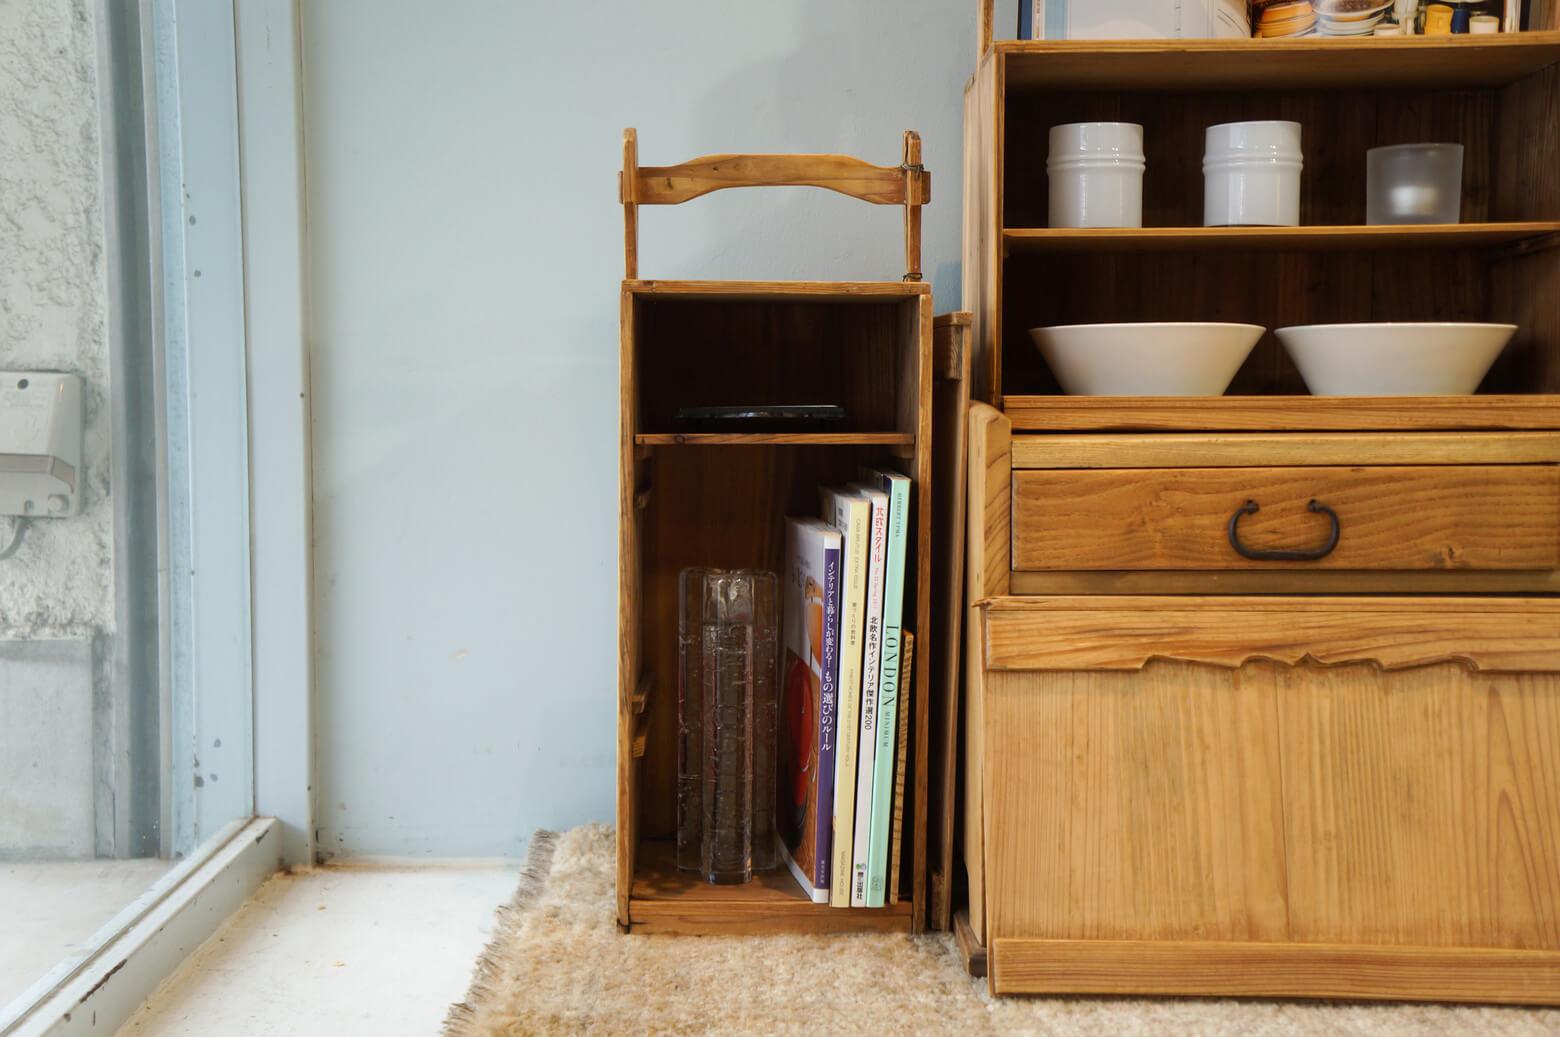 Japan Vintage Wooden Carrying Box OKAMOCHI/ジャパン ヴィンテージ おかもち レトロインテリア